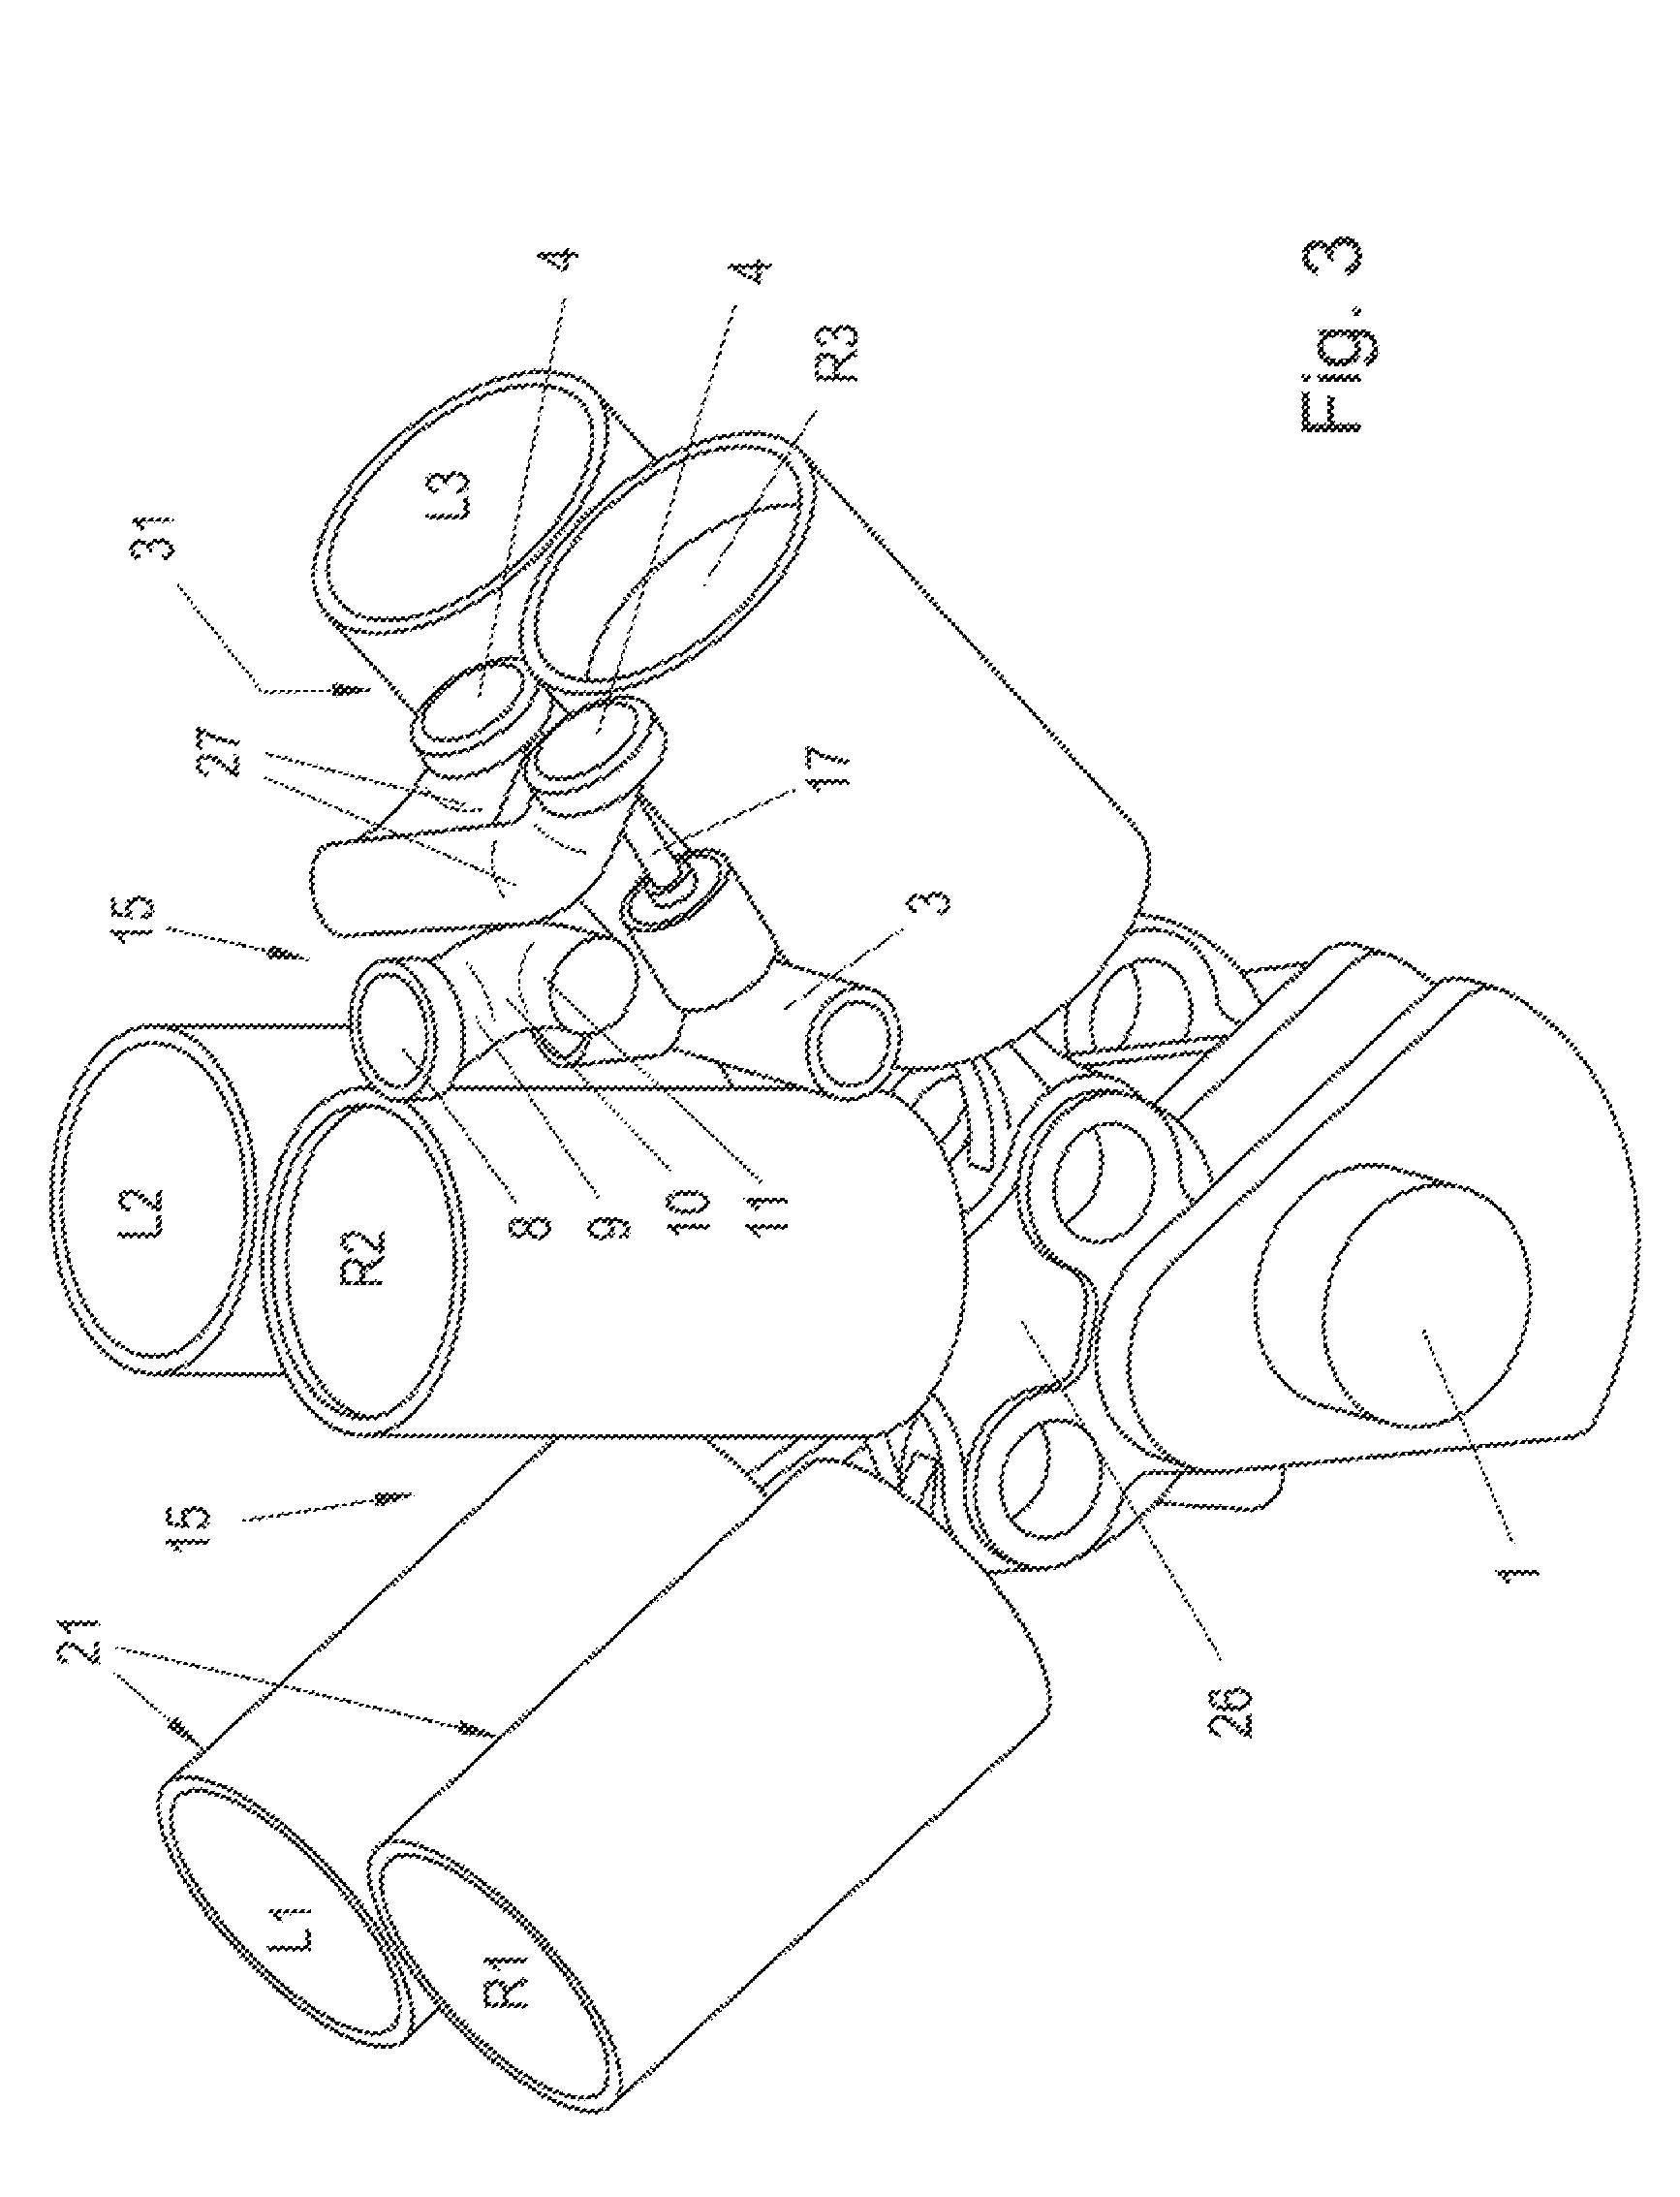 W6 Motor